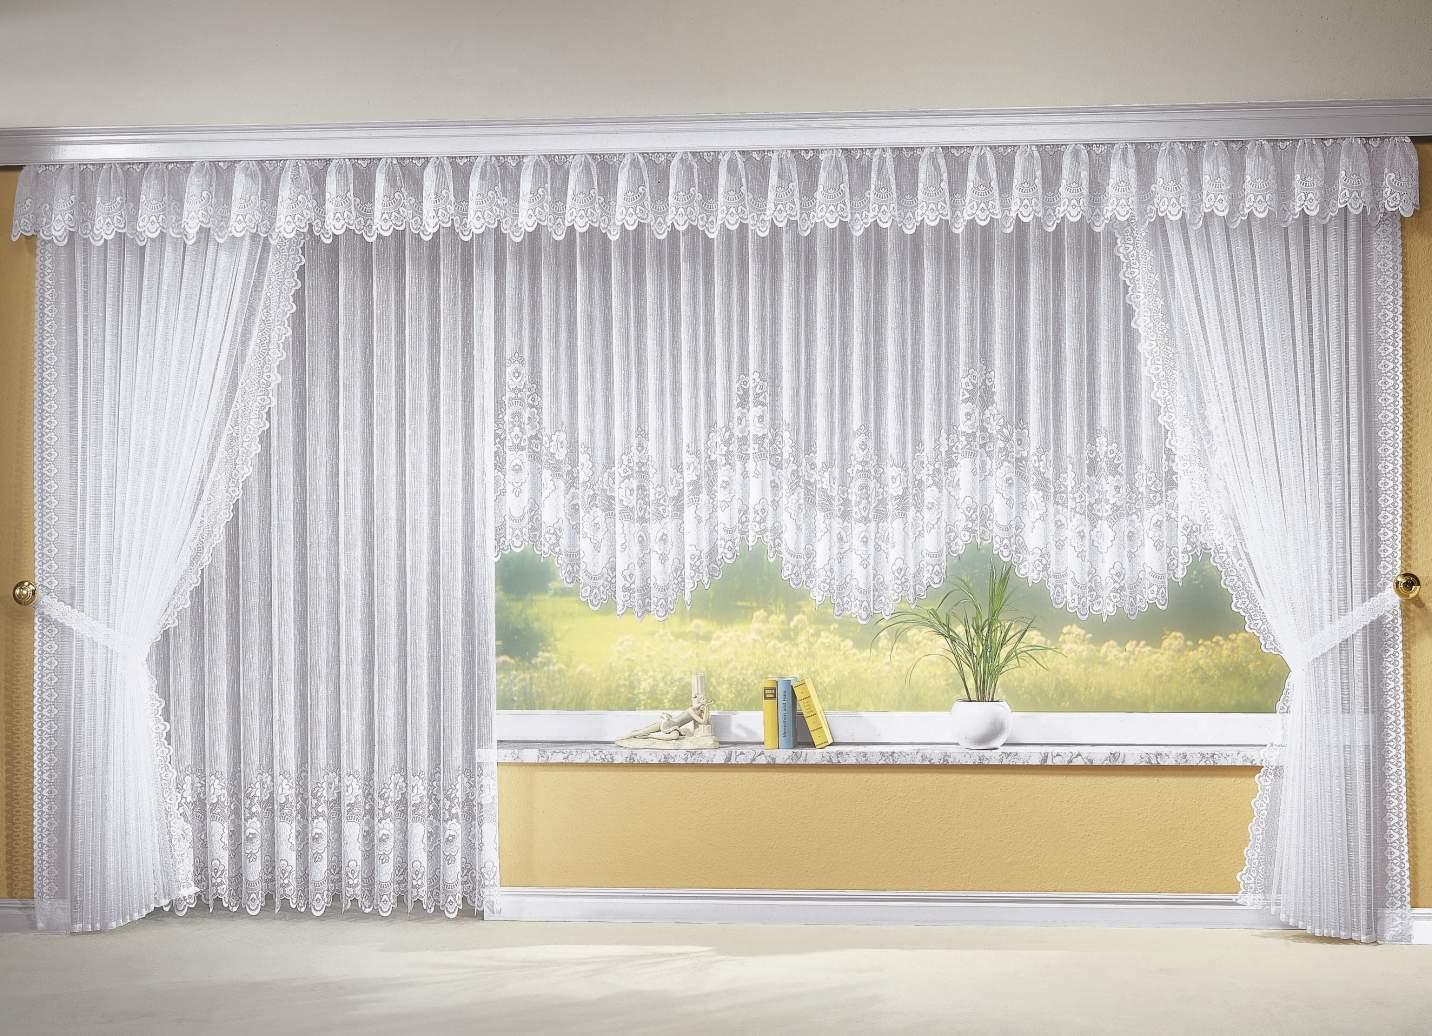 Full Size of Bogen Gardinen Wohnzimmer Schn Moderne Fensterdekoration Für Bogenlampe Esstisch Schlafzimmer Die Küche Scheibengardinen Fenster Wohnzimmer Bogen Gardinen